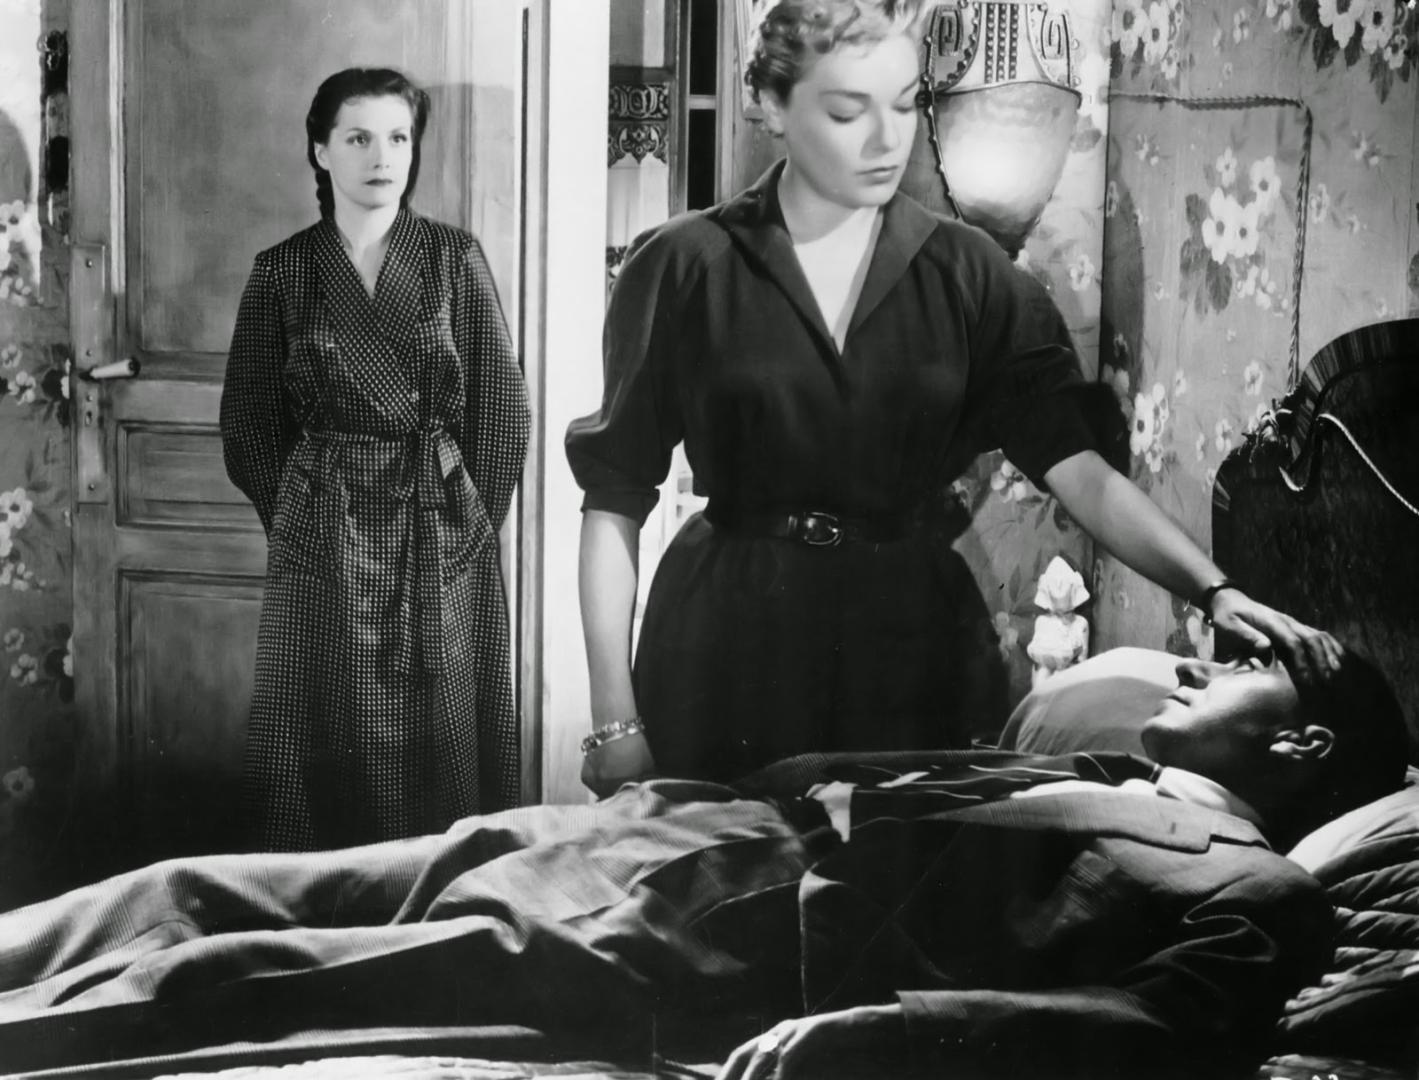 Les diaboliques - Ördöngösök (1955) 1. kép